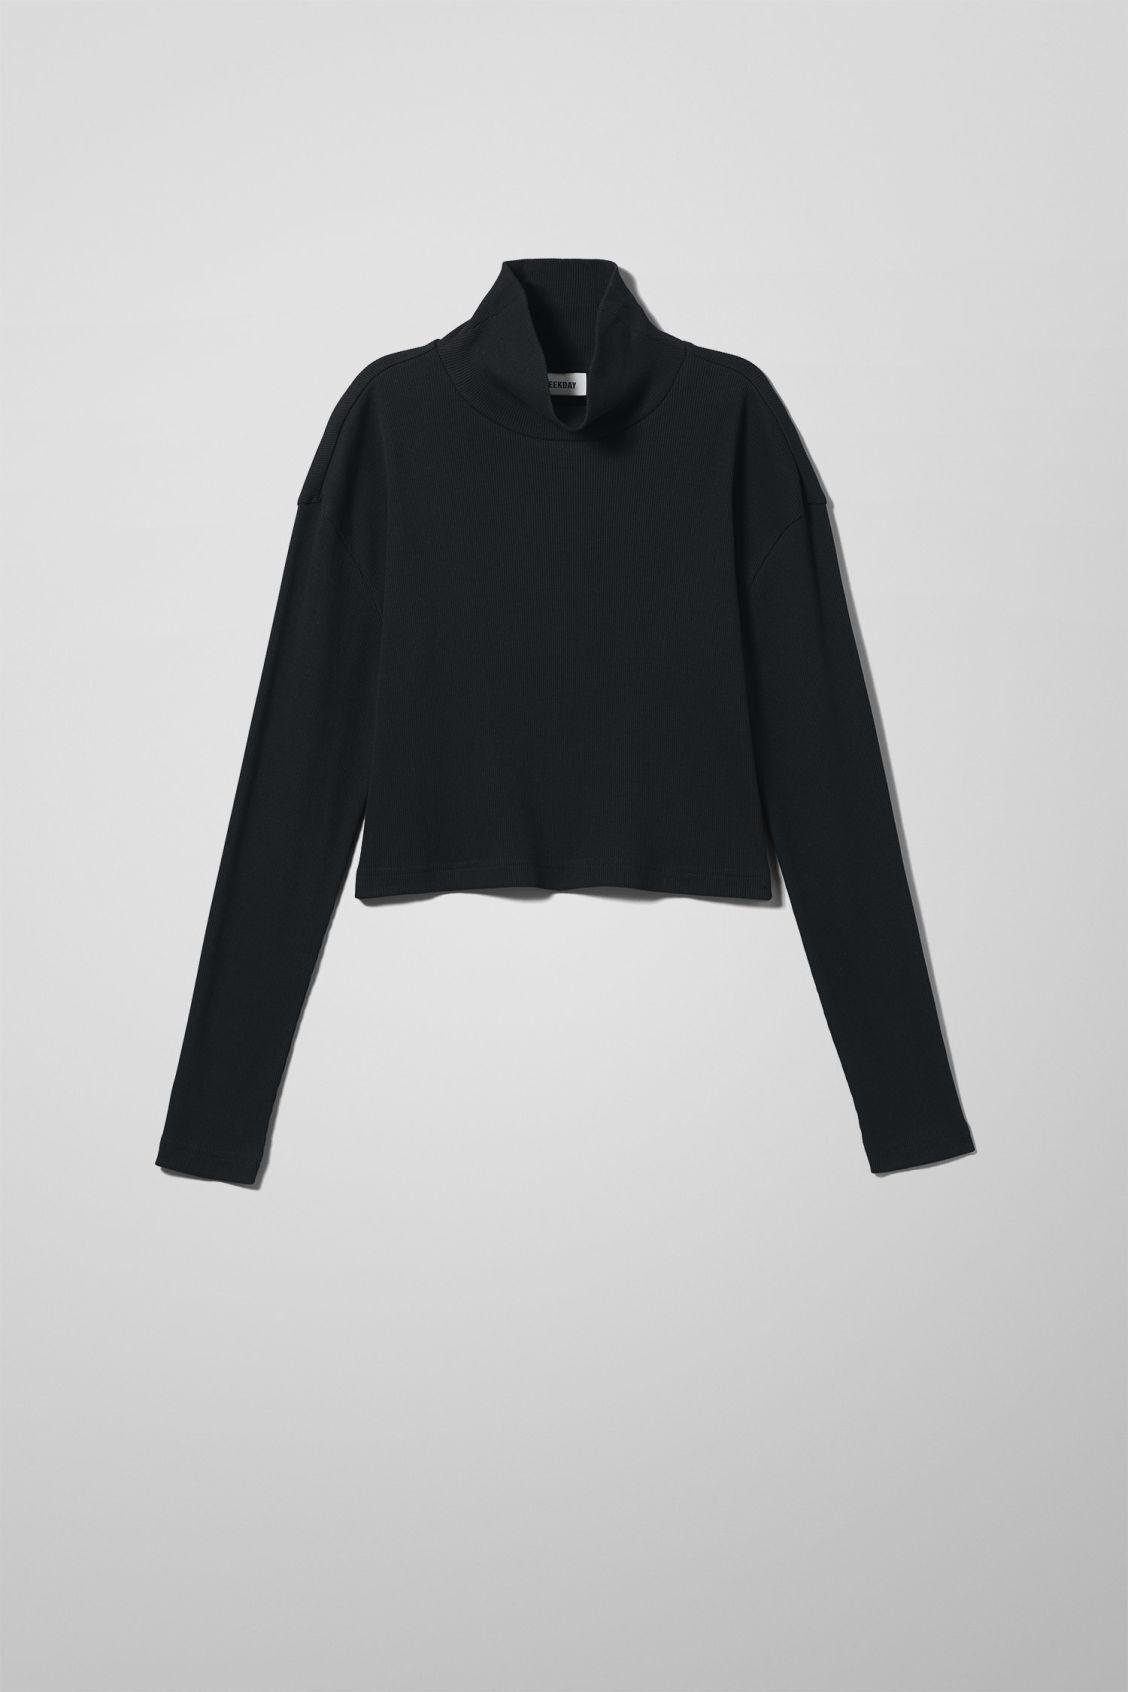 Image of Phoebe Long Sleeve T-shirt - Black-XS